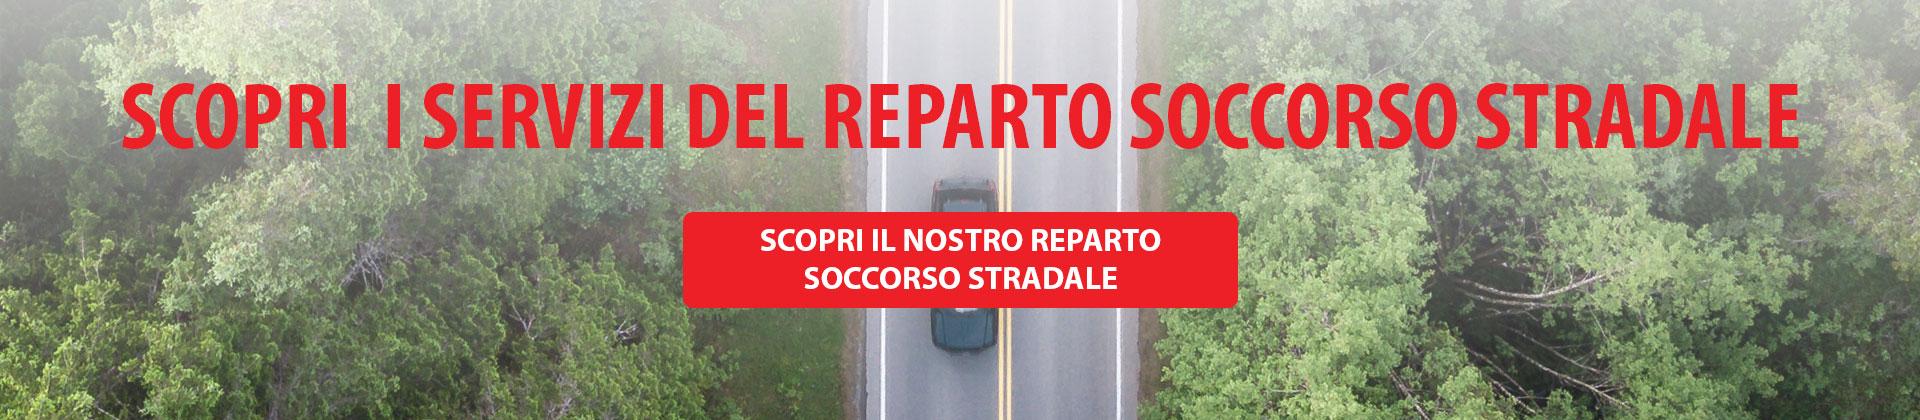 REPARTO-SOCCORSO-STRADALE